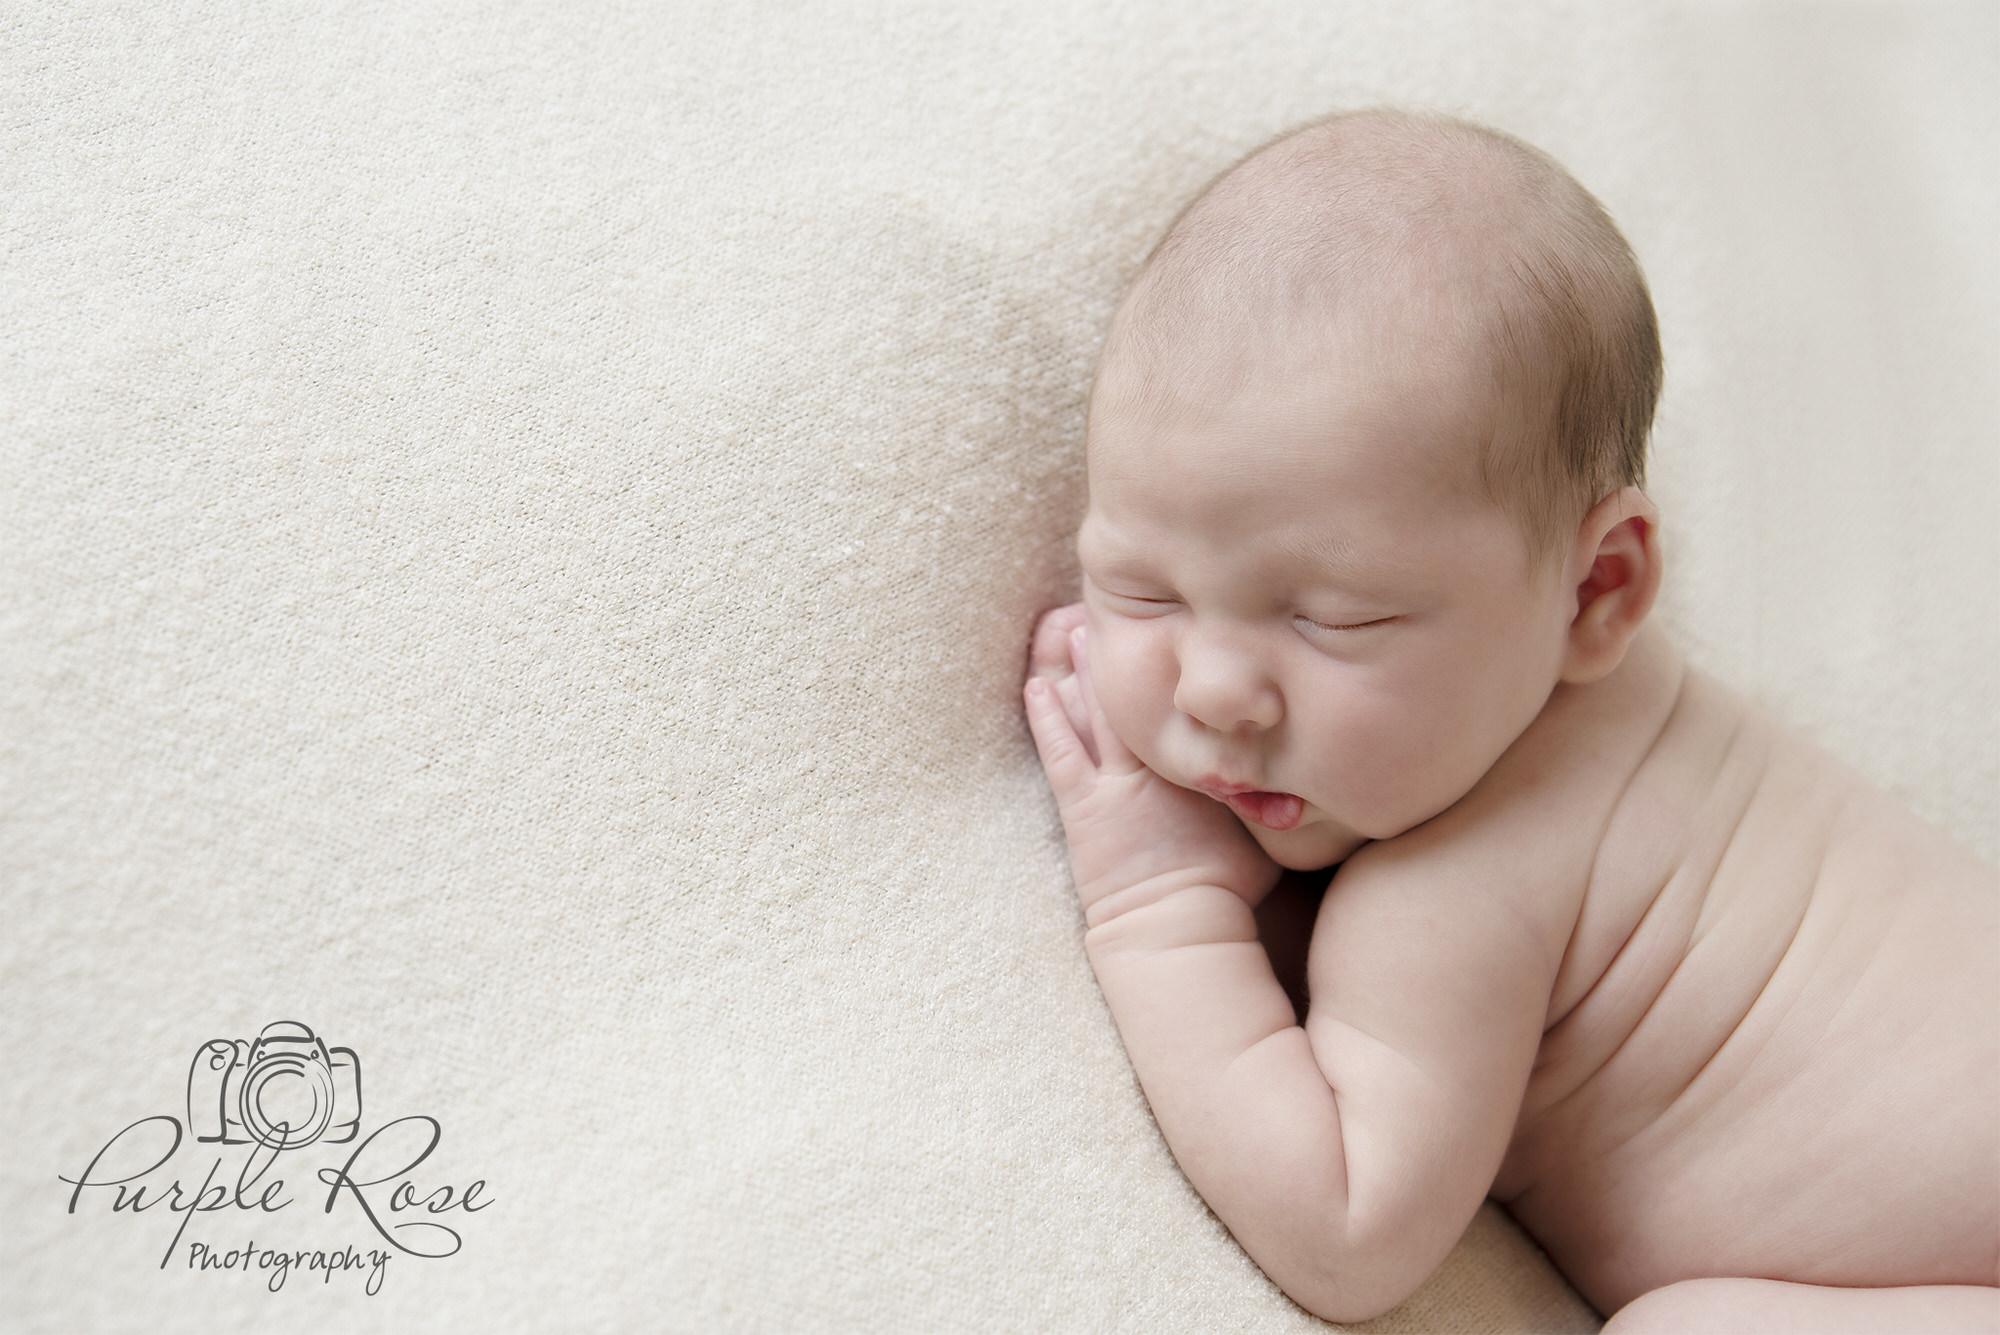 Baby sleeping on cream blanket